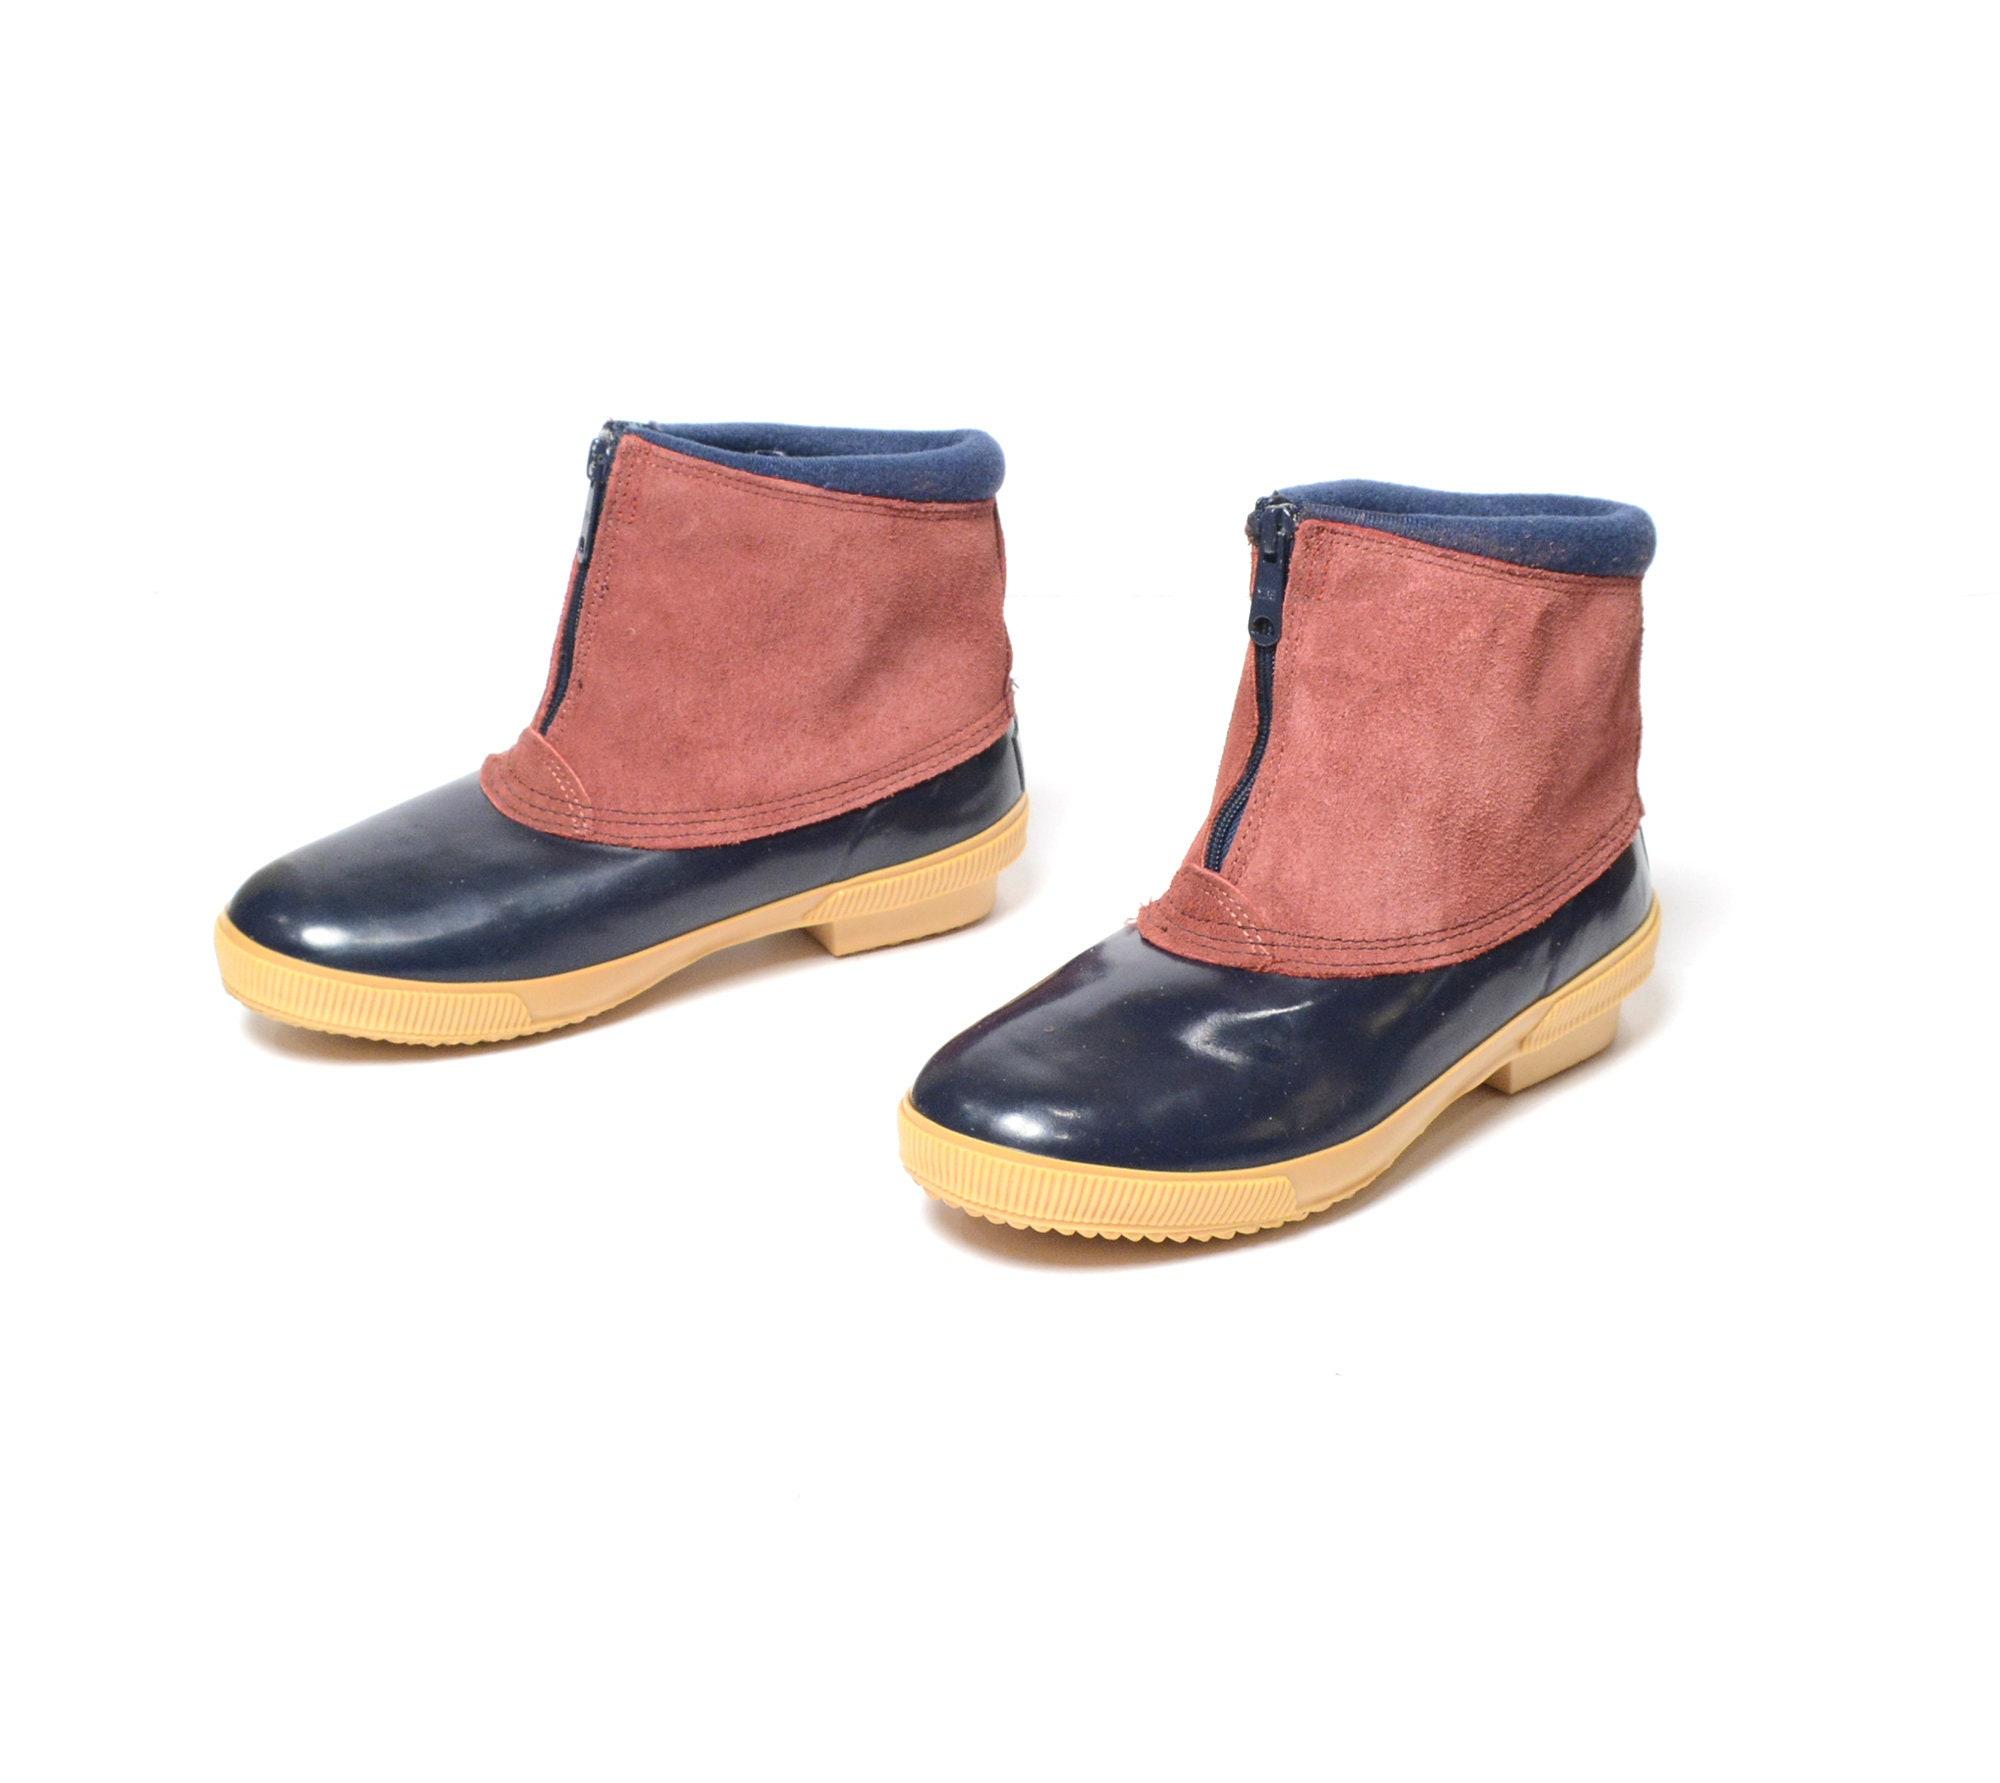 8a6f7e72c4e27 vintage 80s Lands End duck boots rubber suede front zipper rain booties  women's 8 1980 winter boots preppy prep nautical